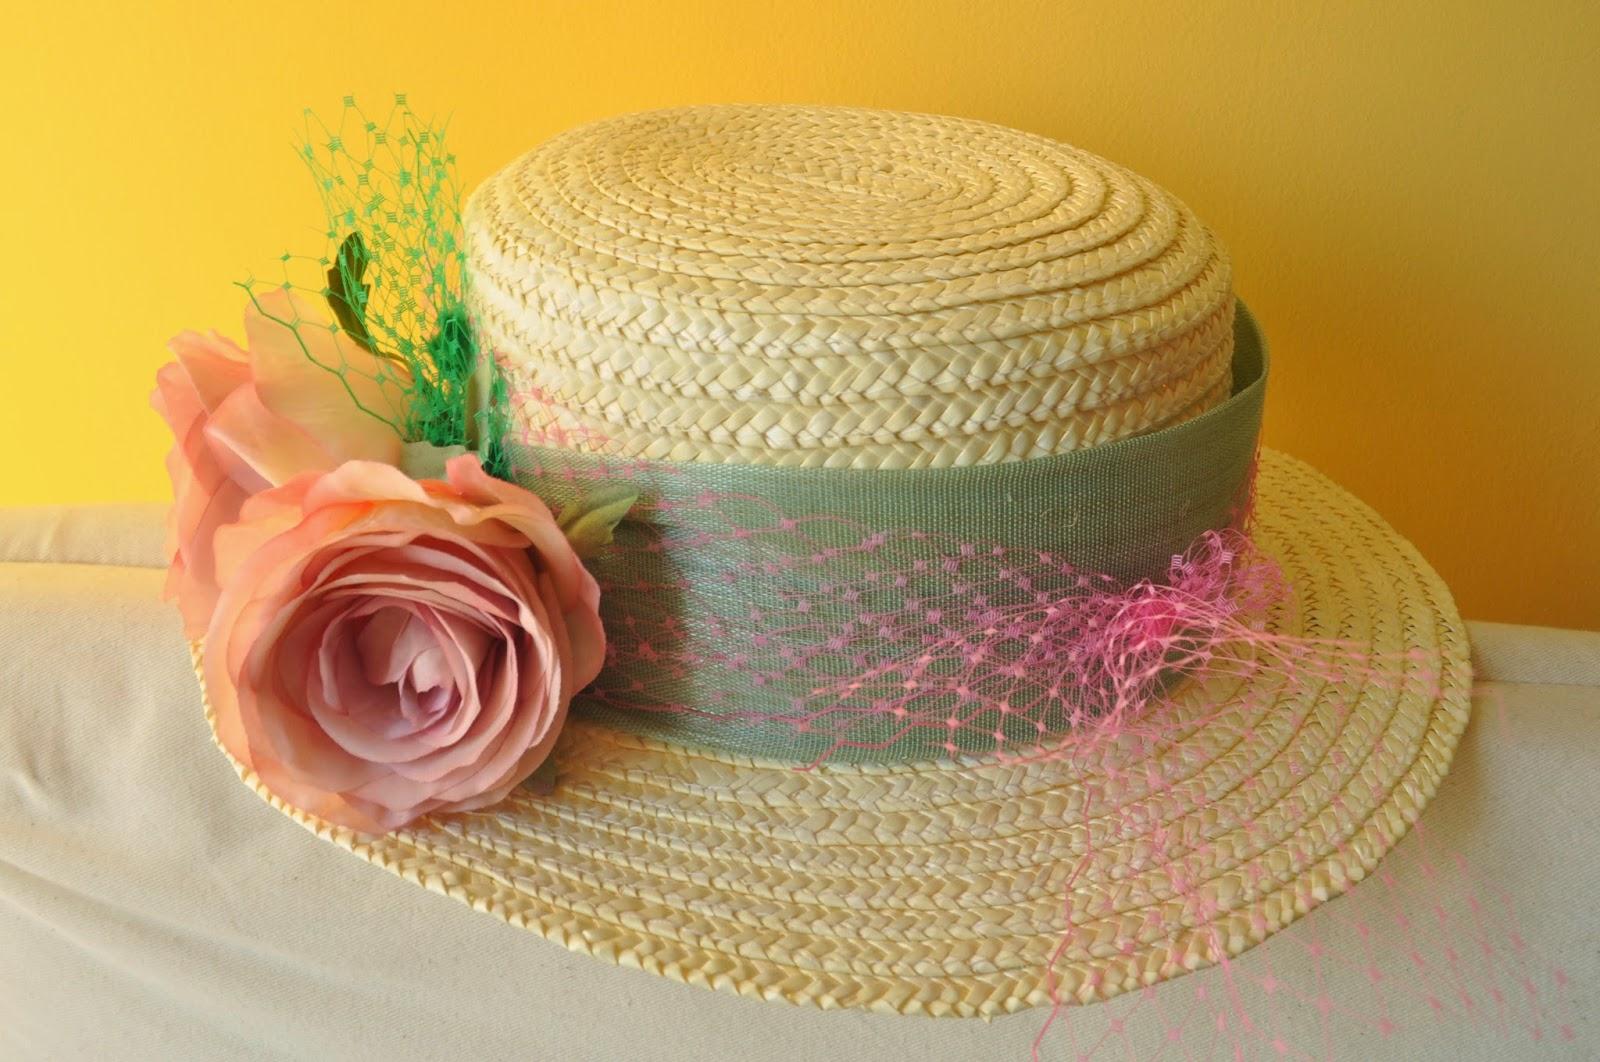 canotier barato, canotier económico, sombrero barato, sombrero económico, sinamae de seda, rosas, tul rosa, tul verde